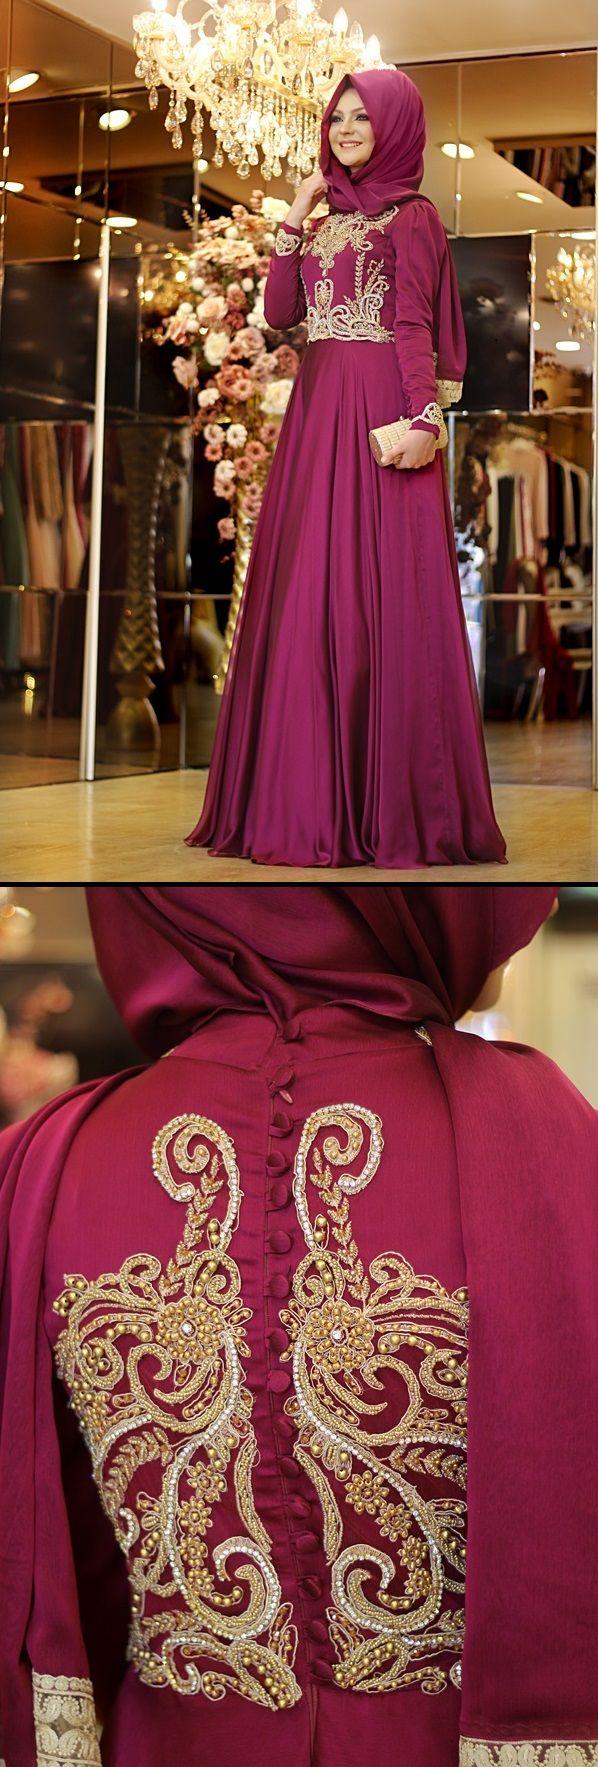 Pınar Şems Sahra Abiye ♥.♥ Muslimah fashion & hijab style